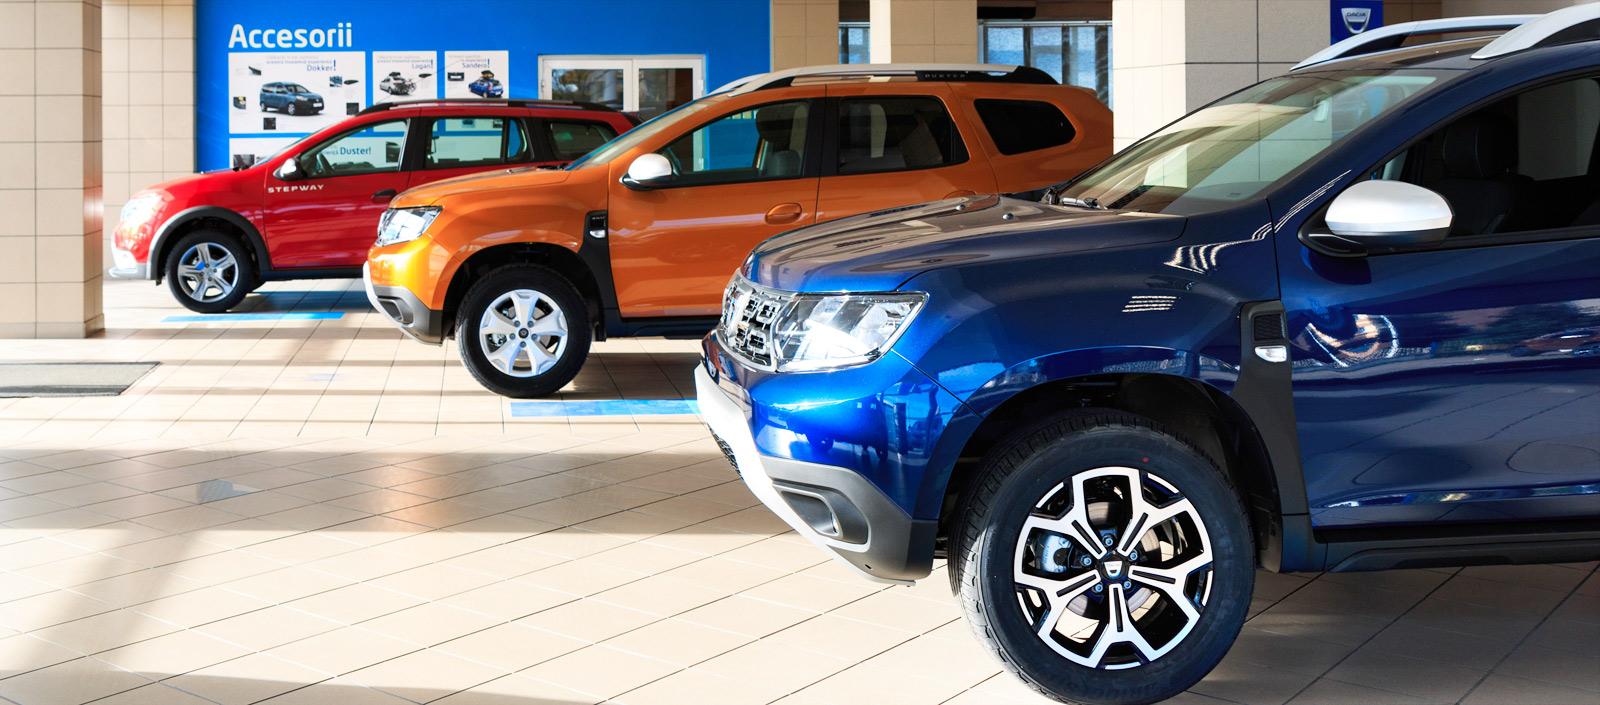 Dacia Companie